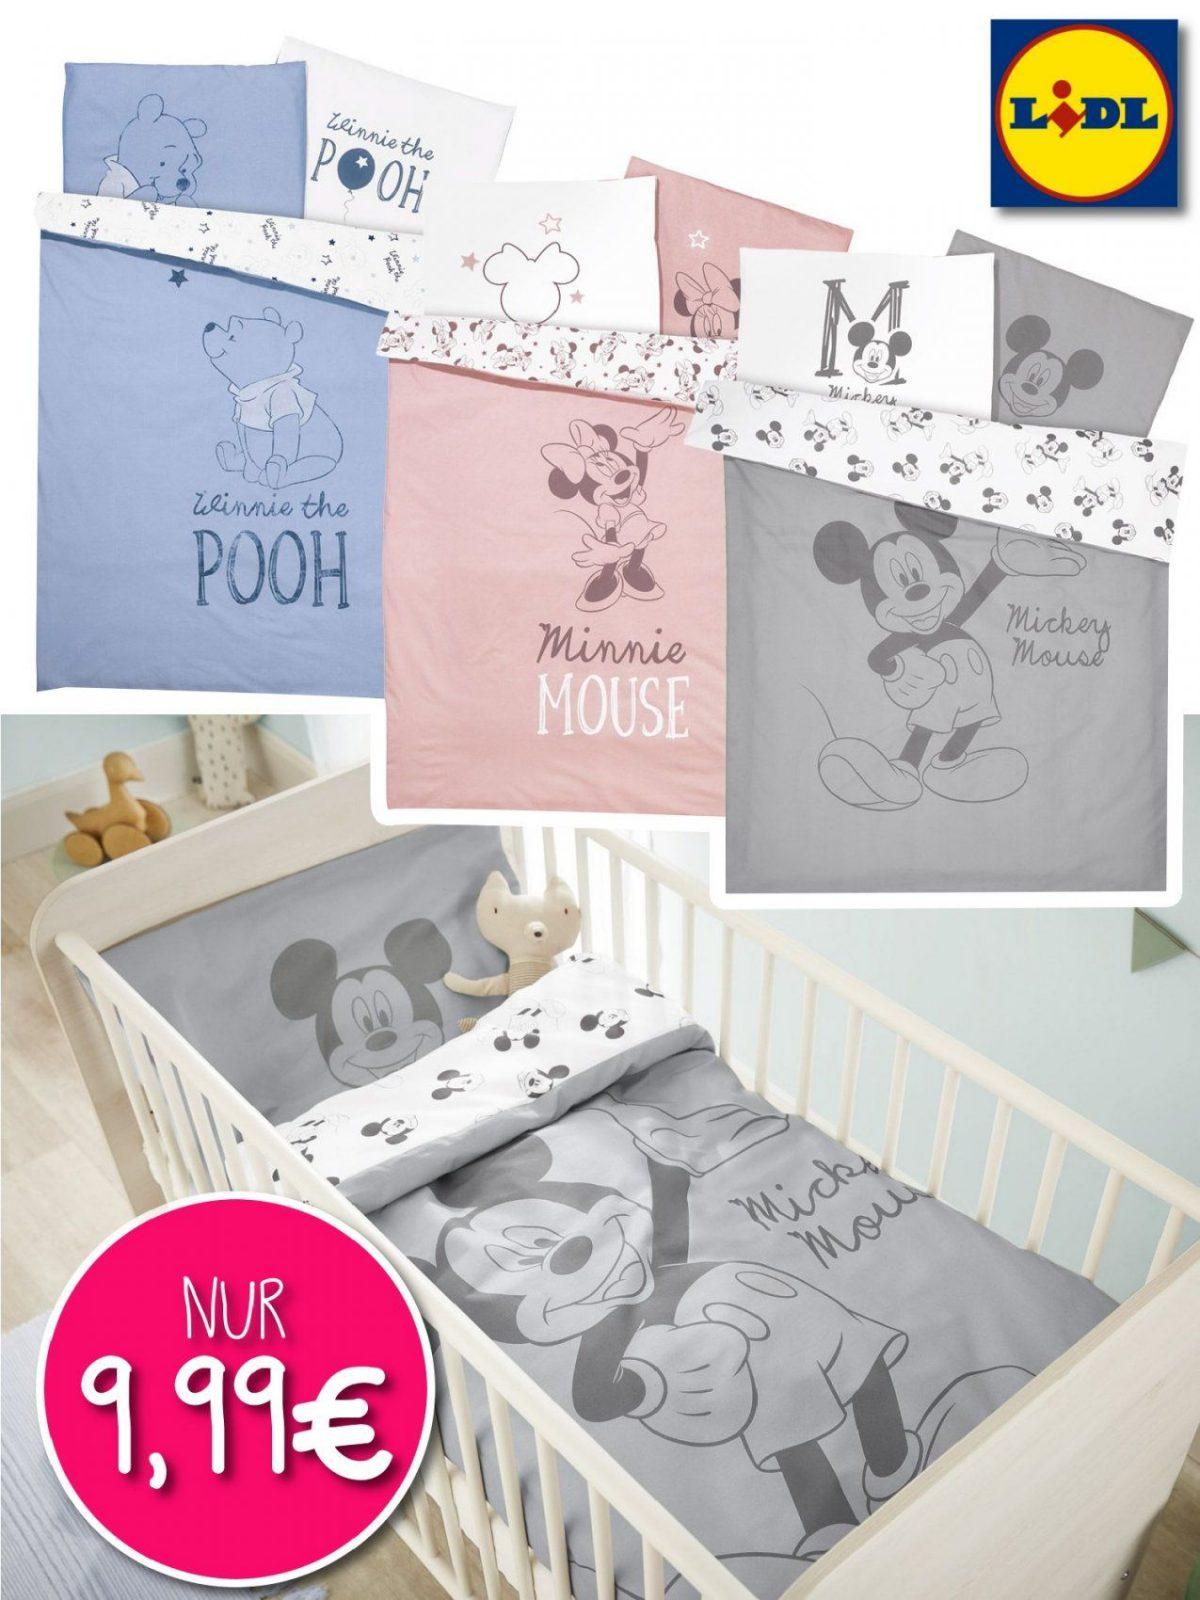 Disneybettwäsche Bei Lidl  Nur Online  Meinbaby123 von Mickey Mouse Bettwäsche Lidl Bild